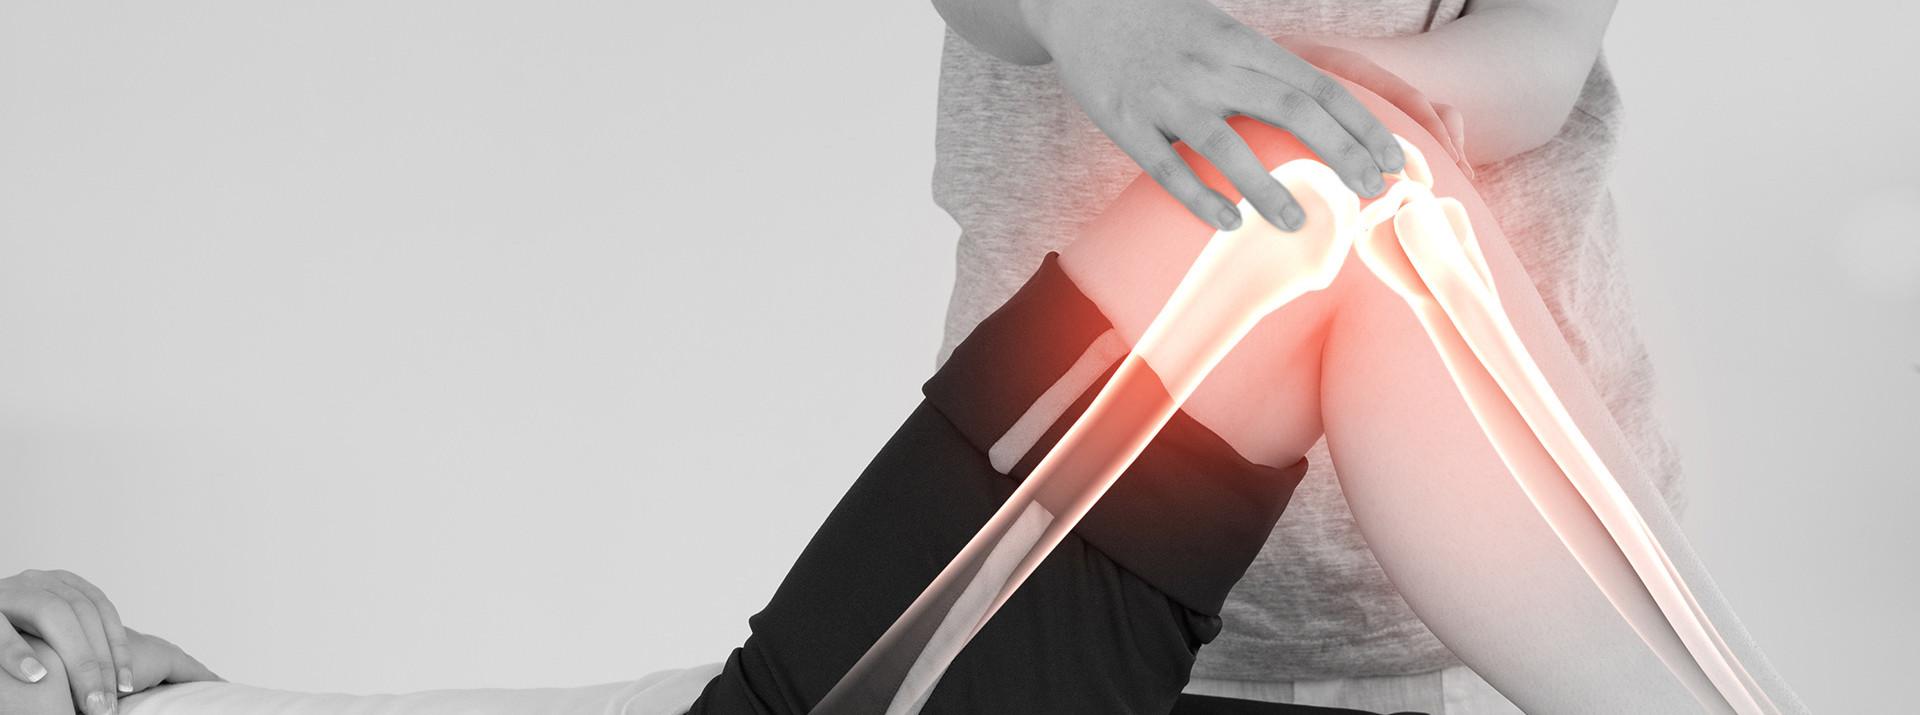 Alivio del dolor y recuperación de la movilidad